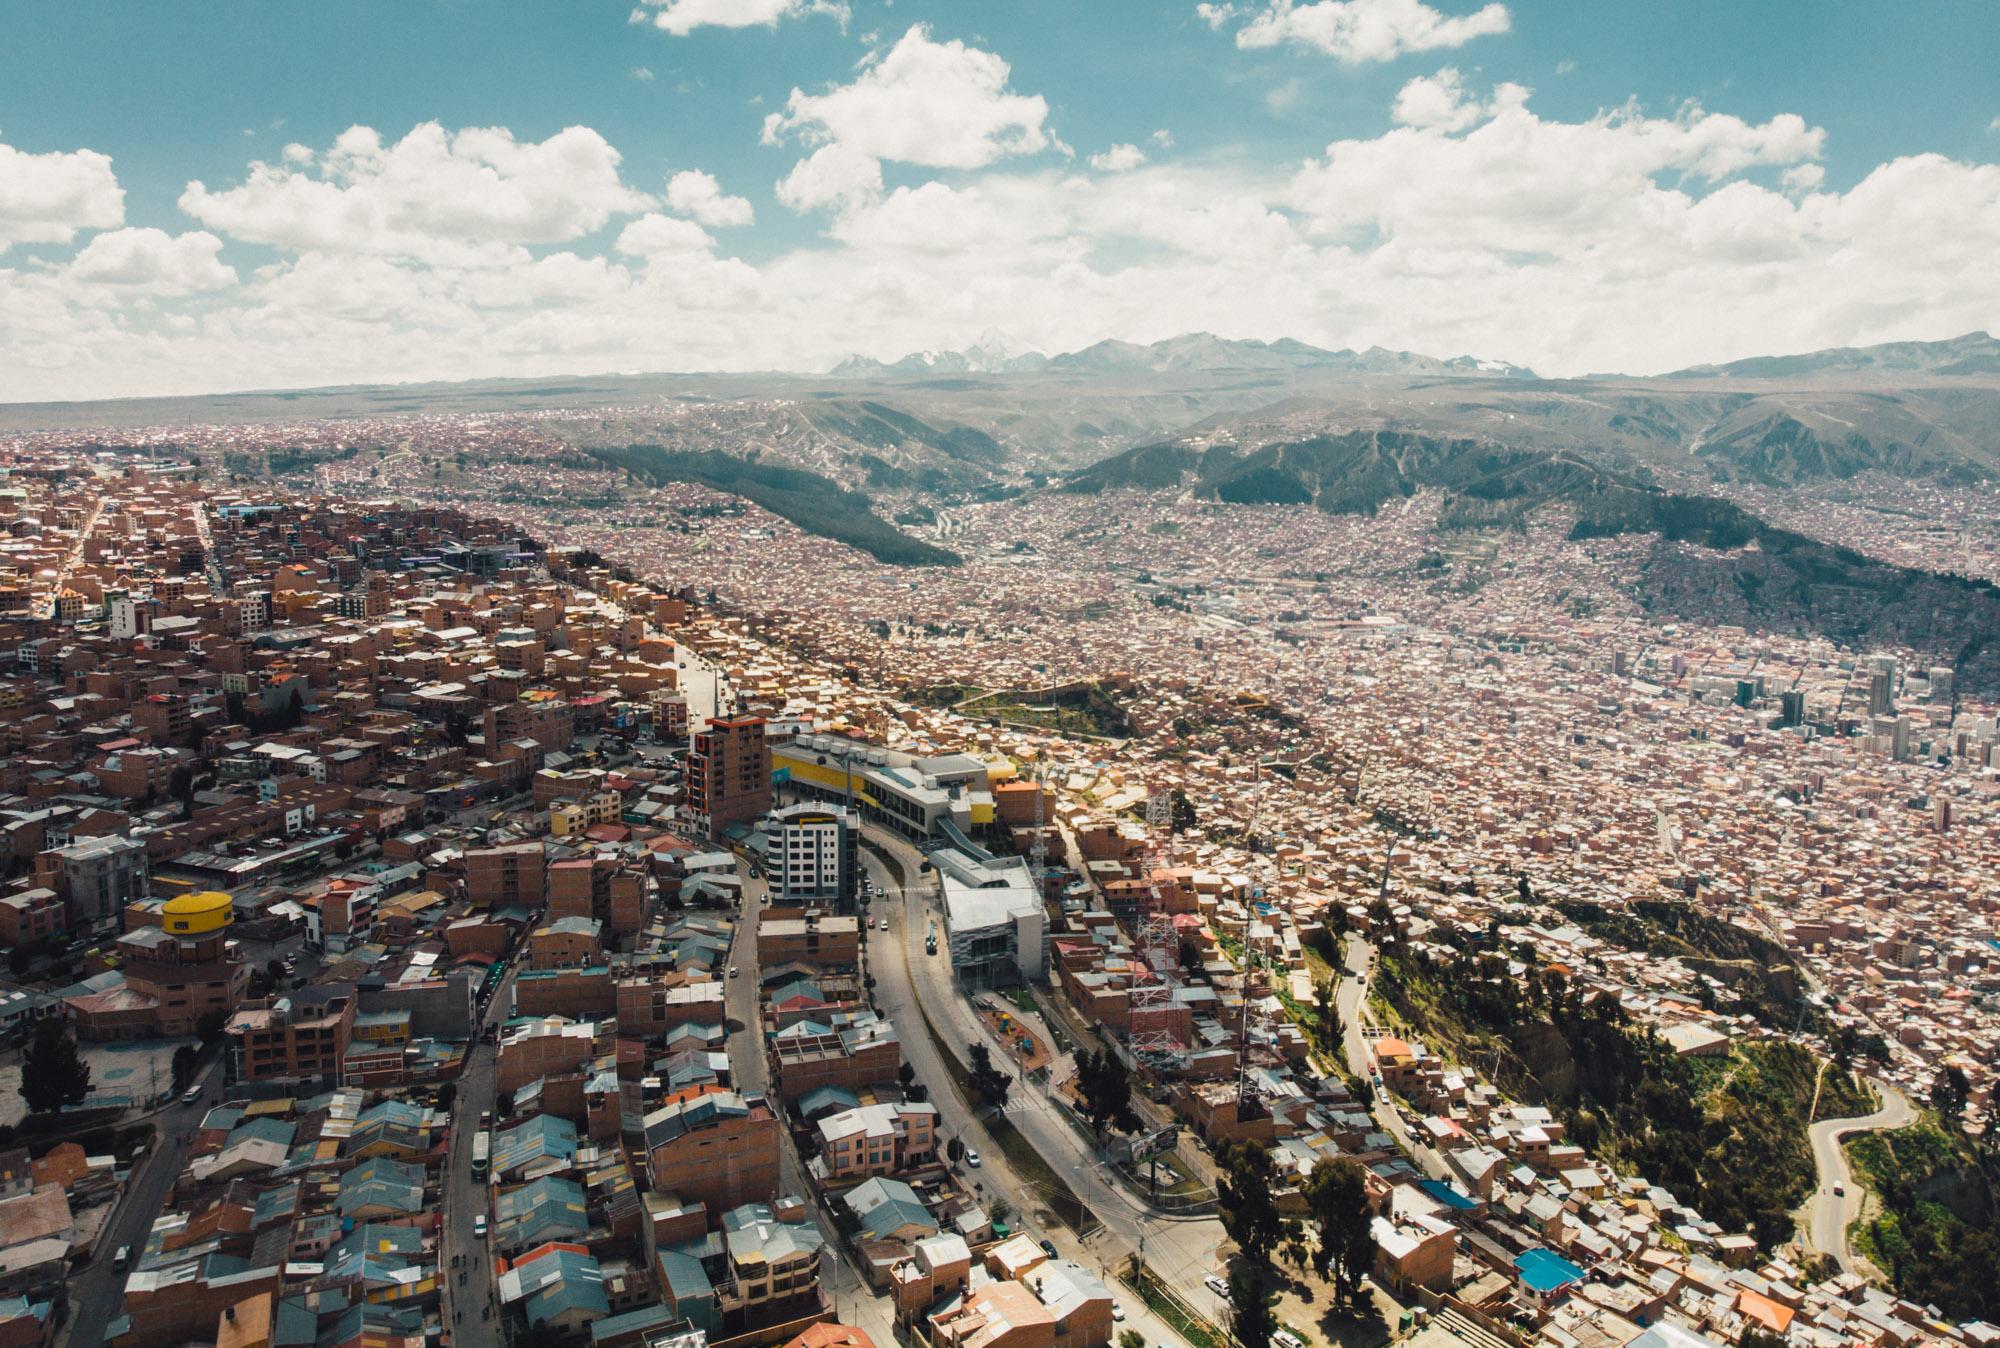 View on La Paz from El Alto